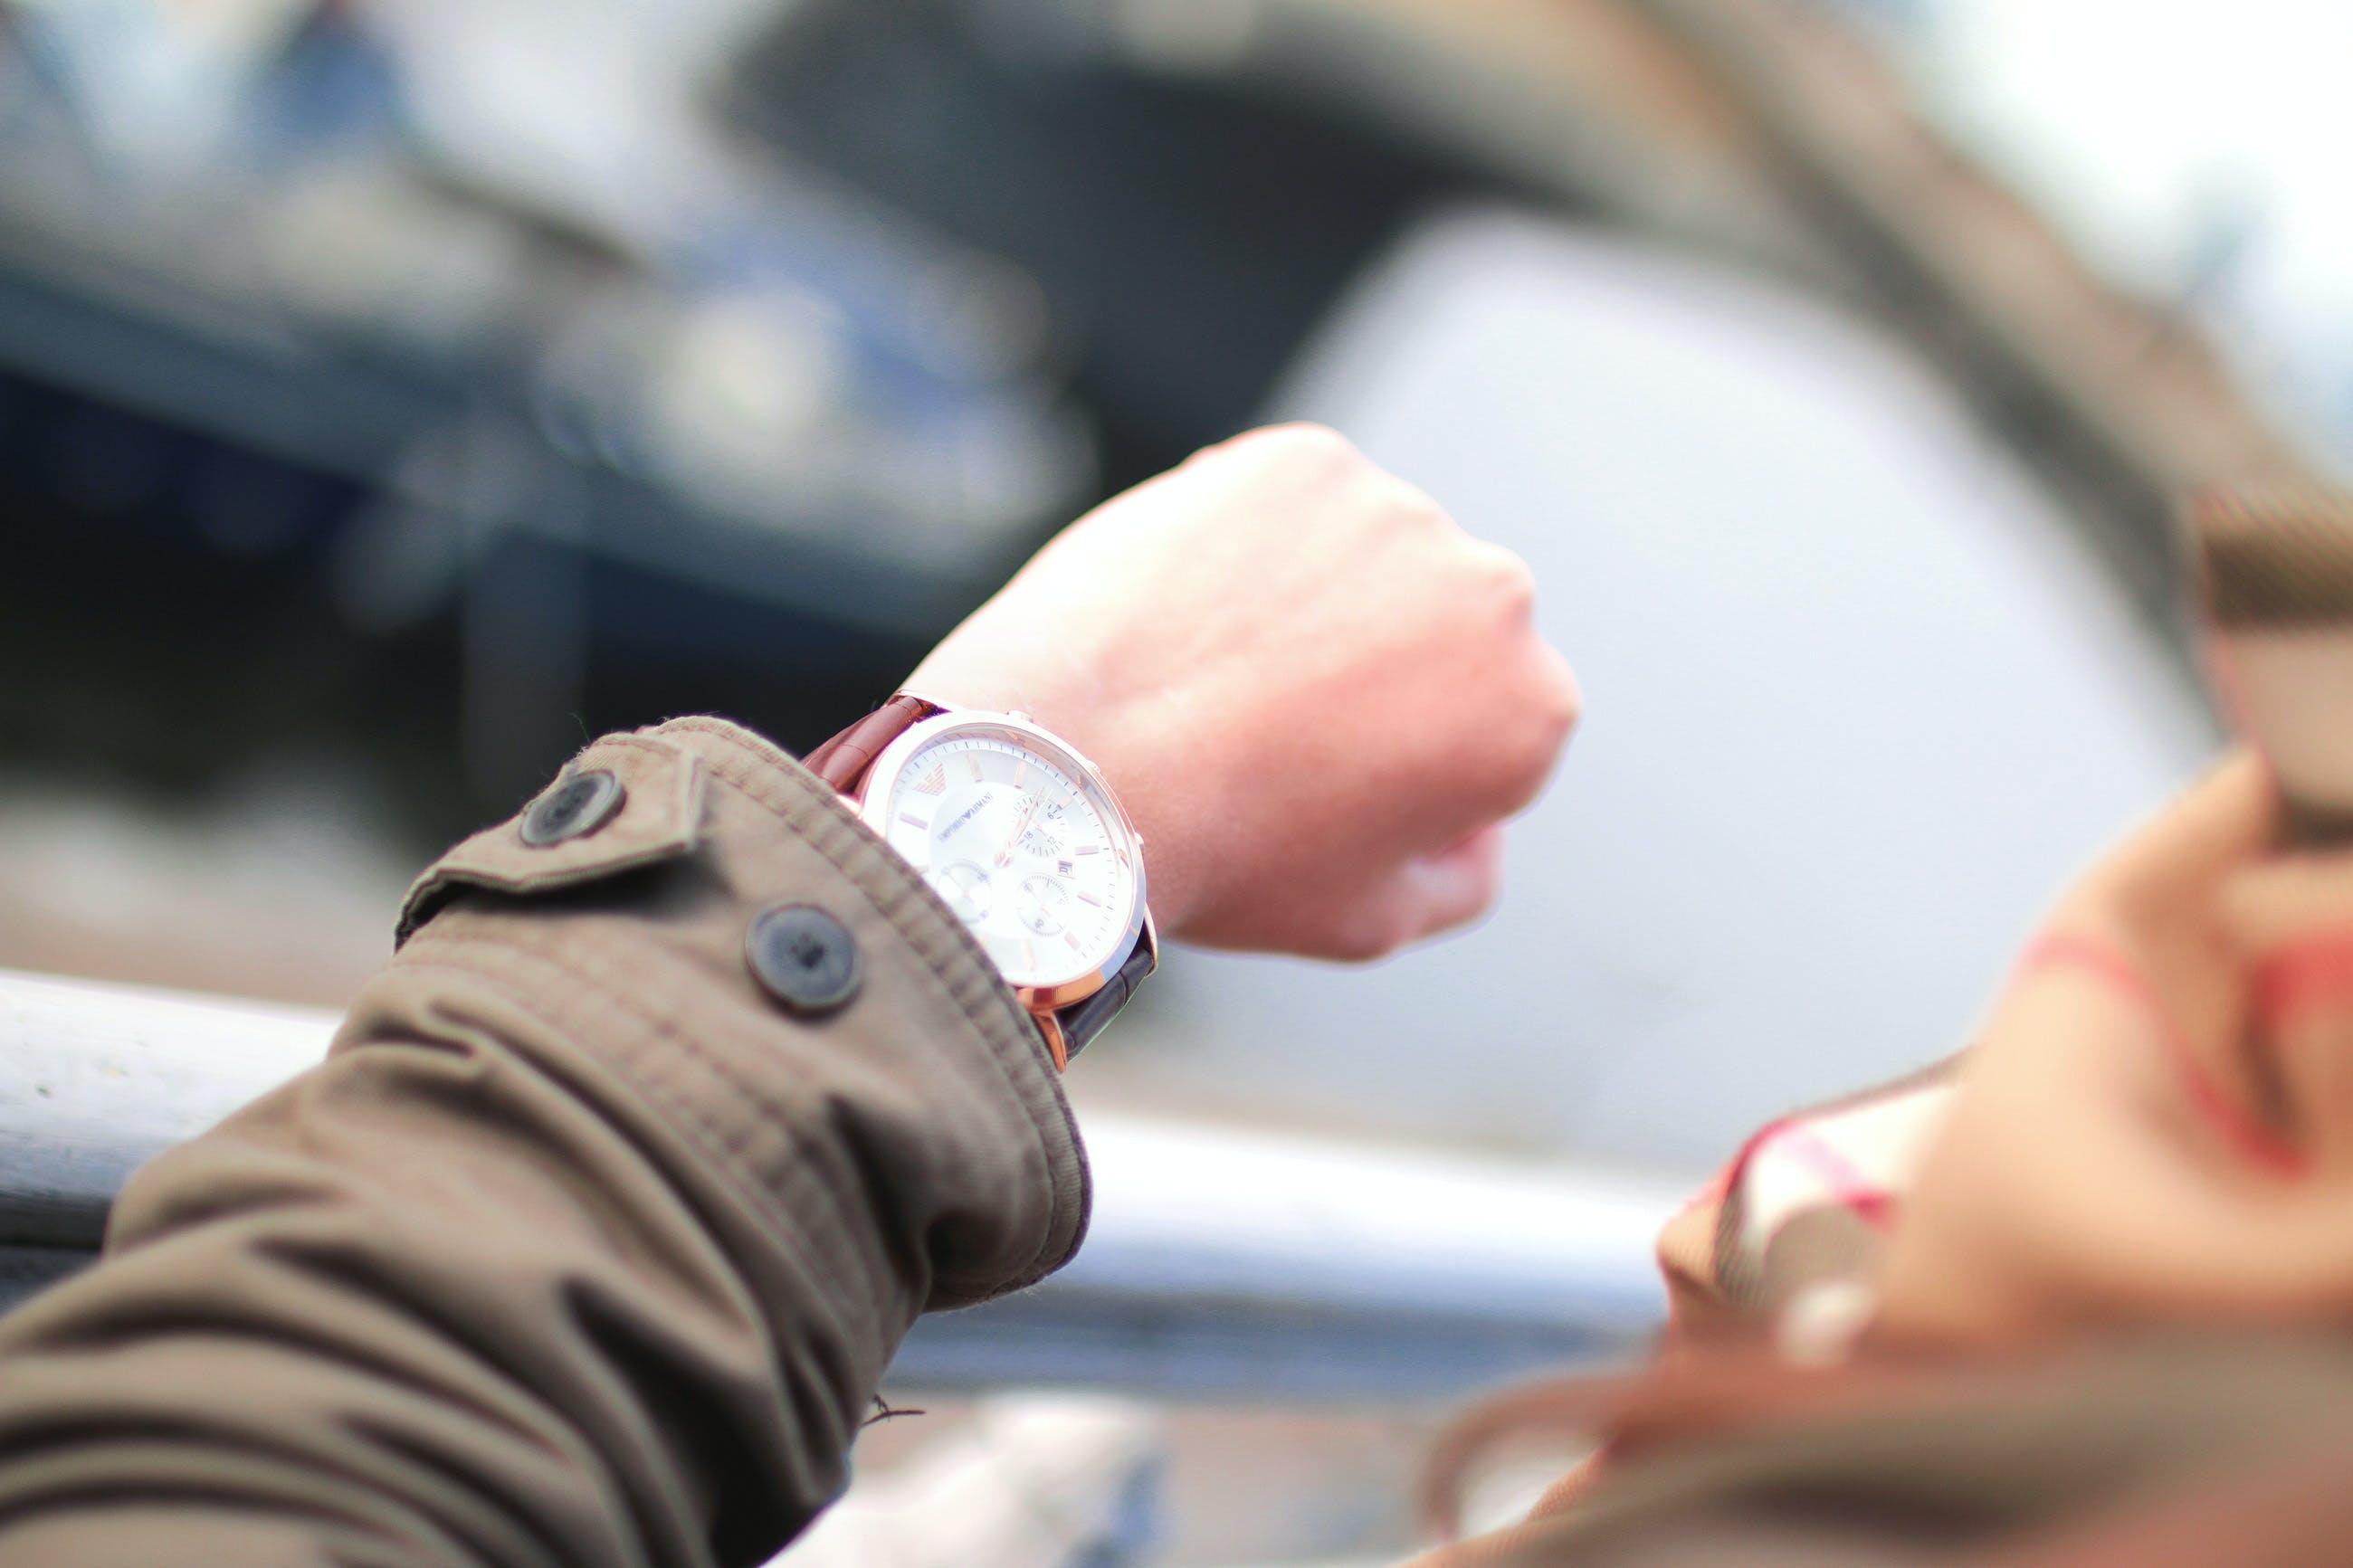 Безкоштовне стокове фото на тему «жінка, мода, наручний годинник, одяг»